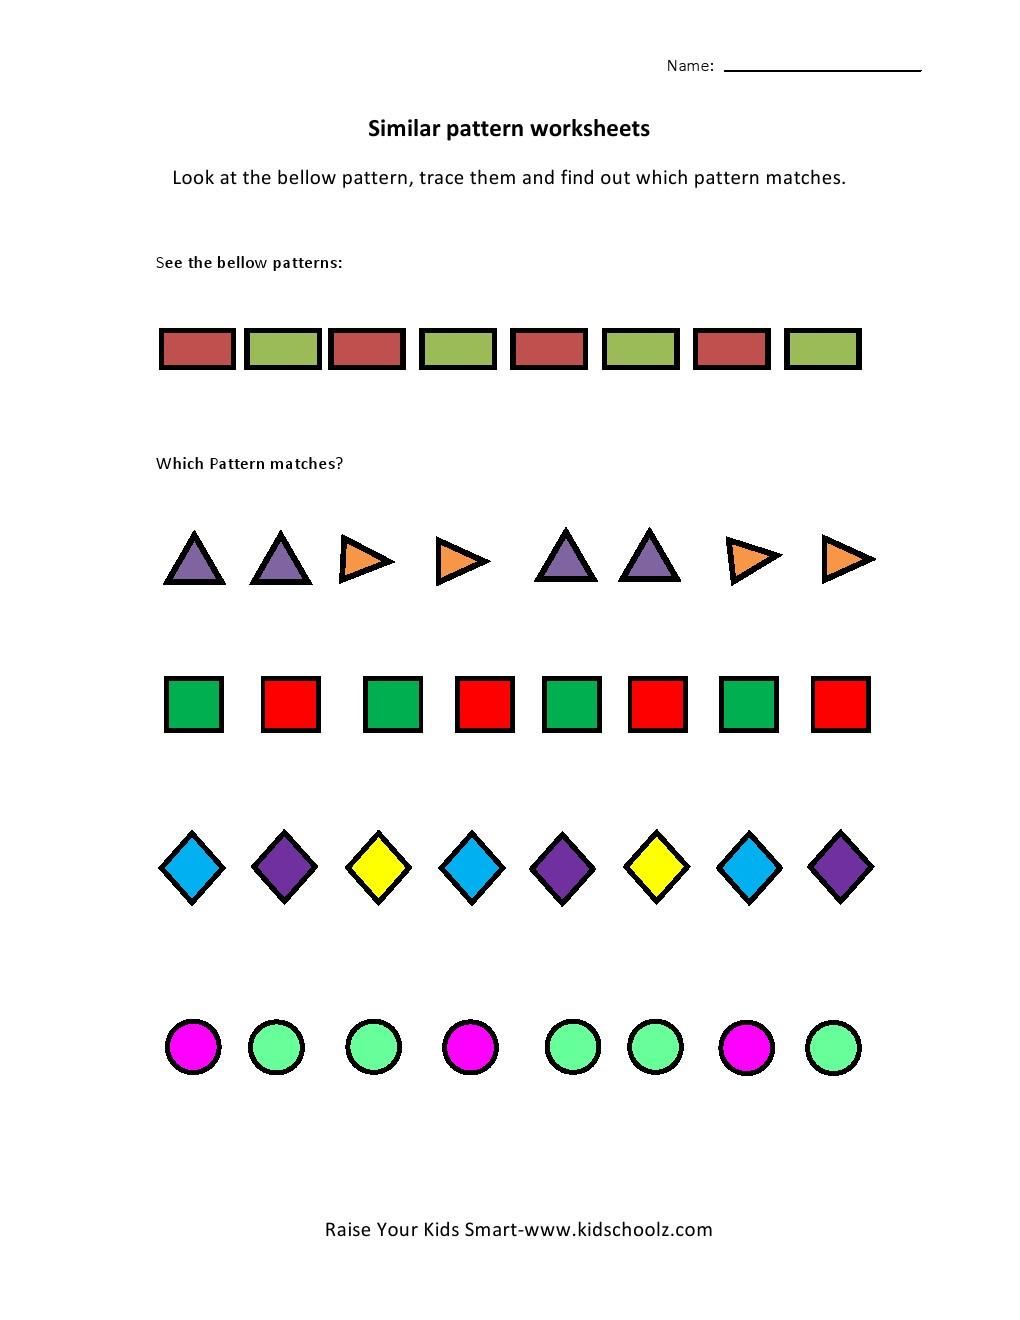 Workbooks ukg worksheets : UKG-Pattern Worksheets - Kidschoolz